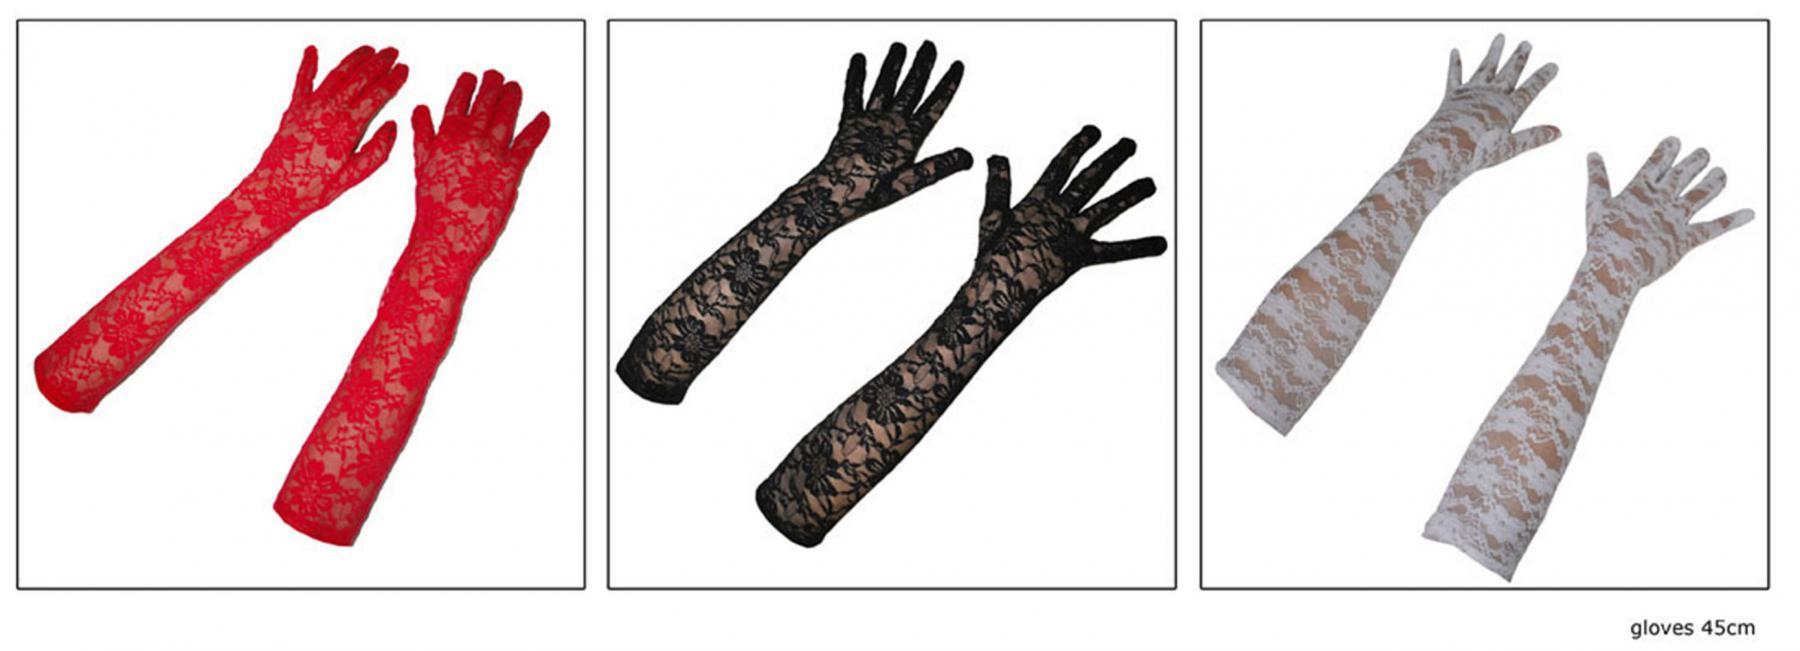 e76669d9c1150c Spitzen-handschuhe Handschuh-e Spitze lang weiß Einheitsgroße Karneval Party  KK